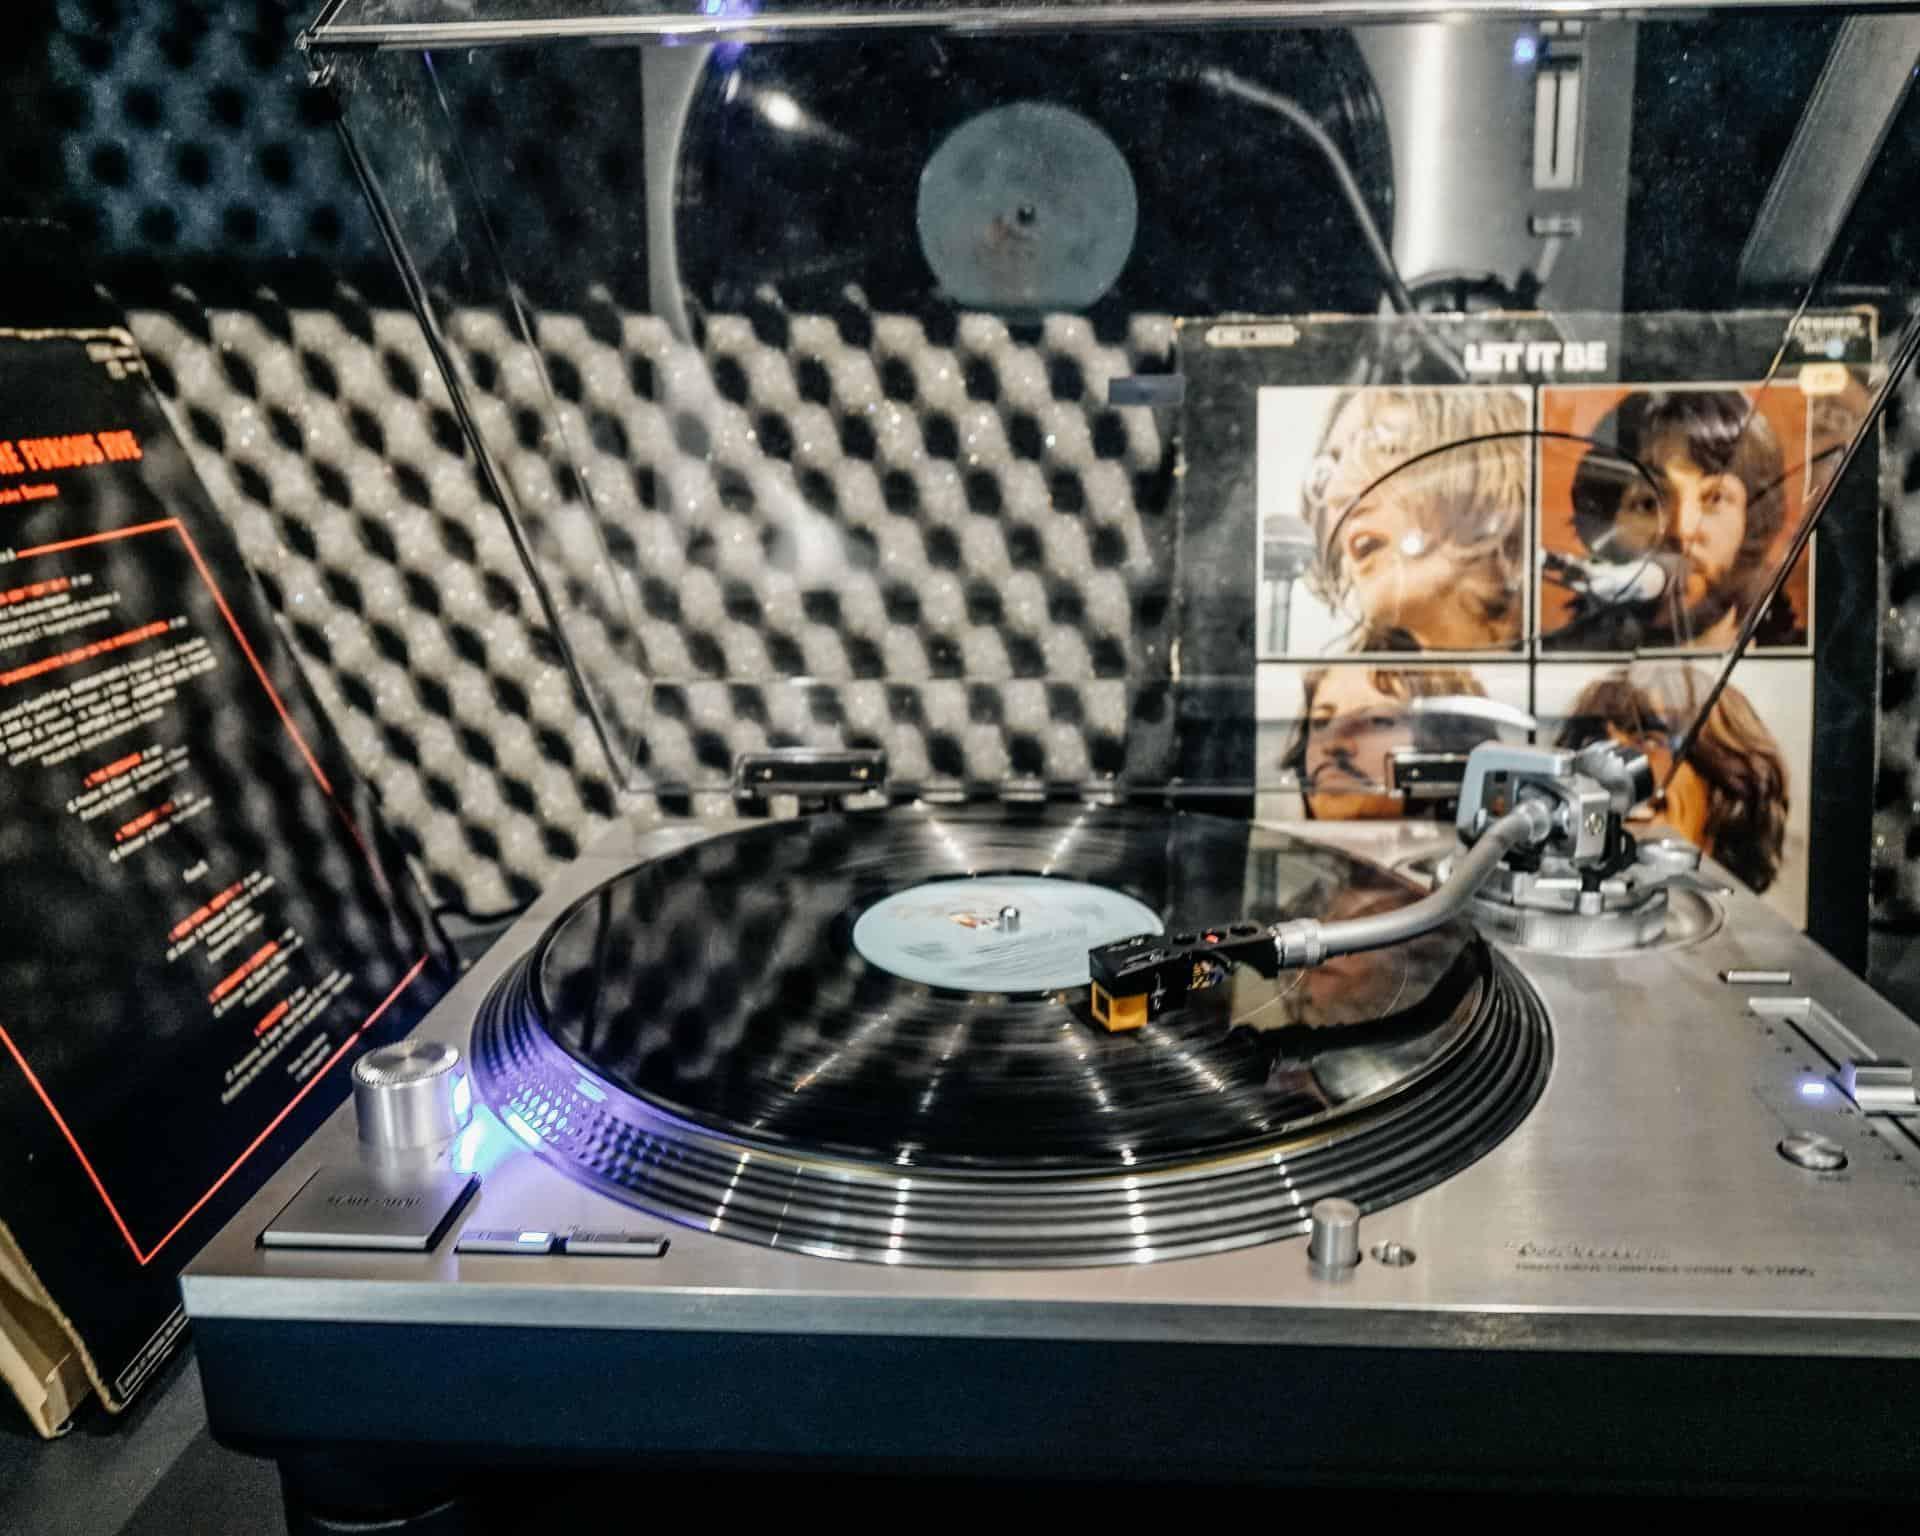 galeries lafayette music machines